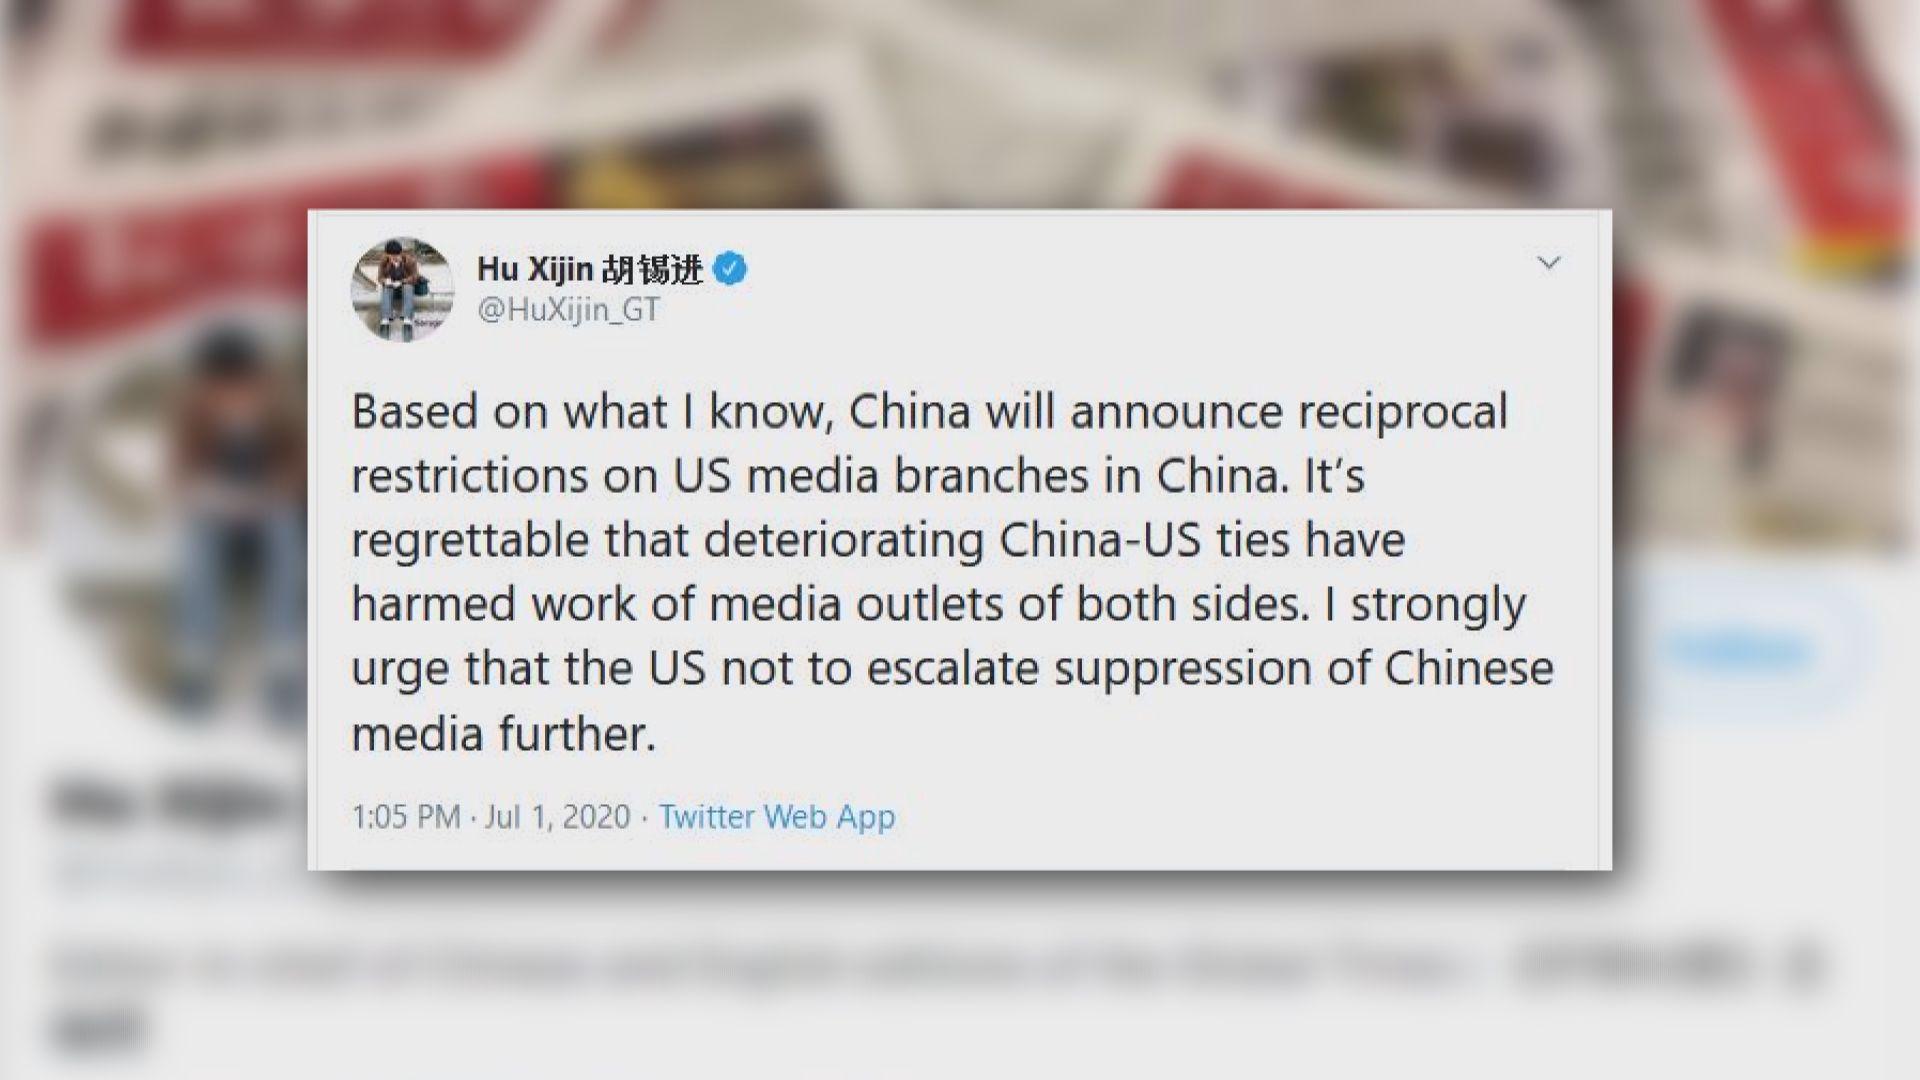 胡錫進:中國將公布反制美媒措施